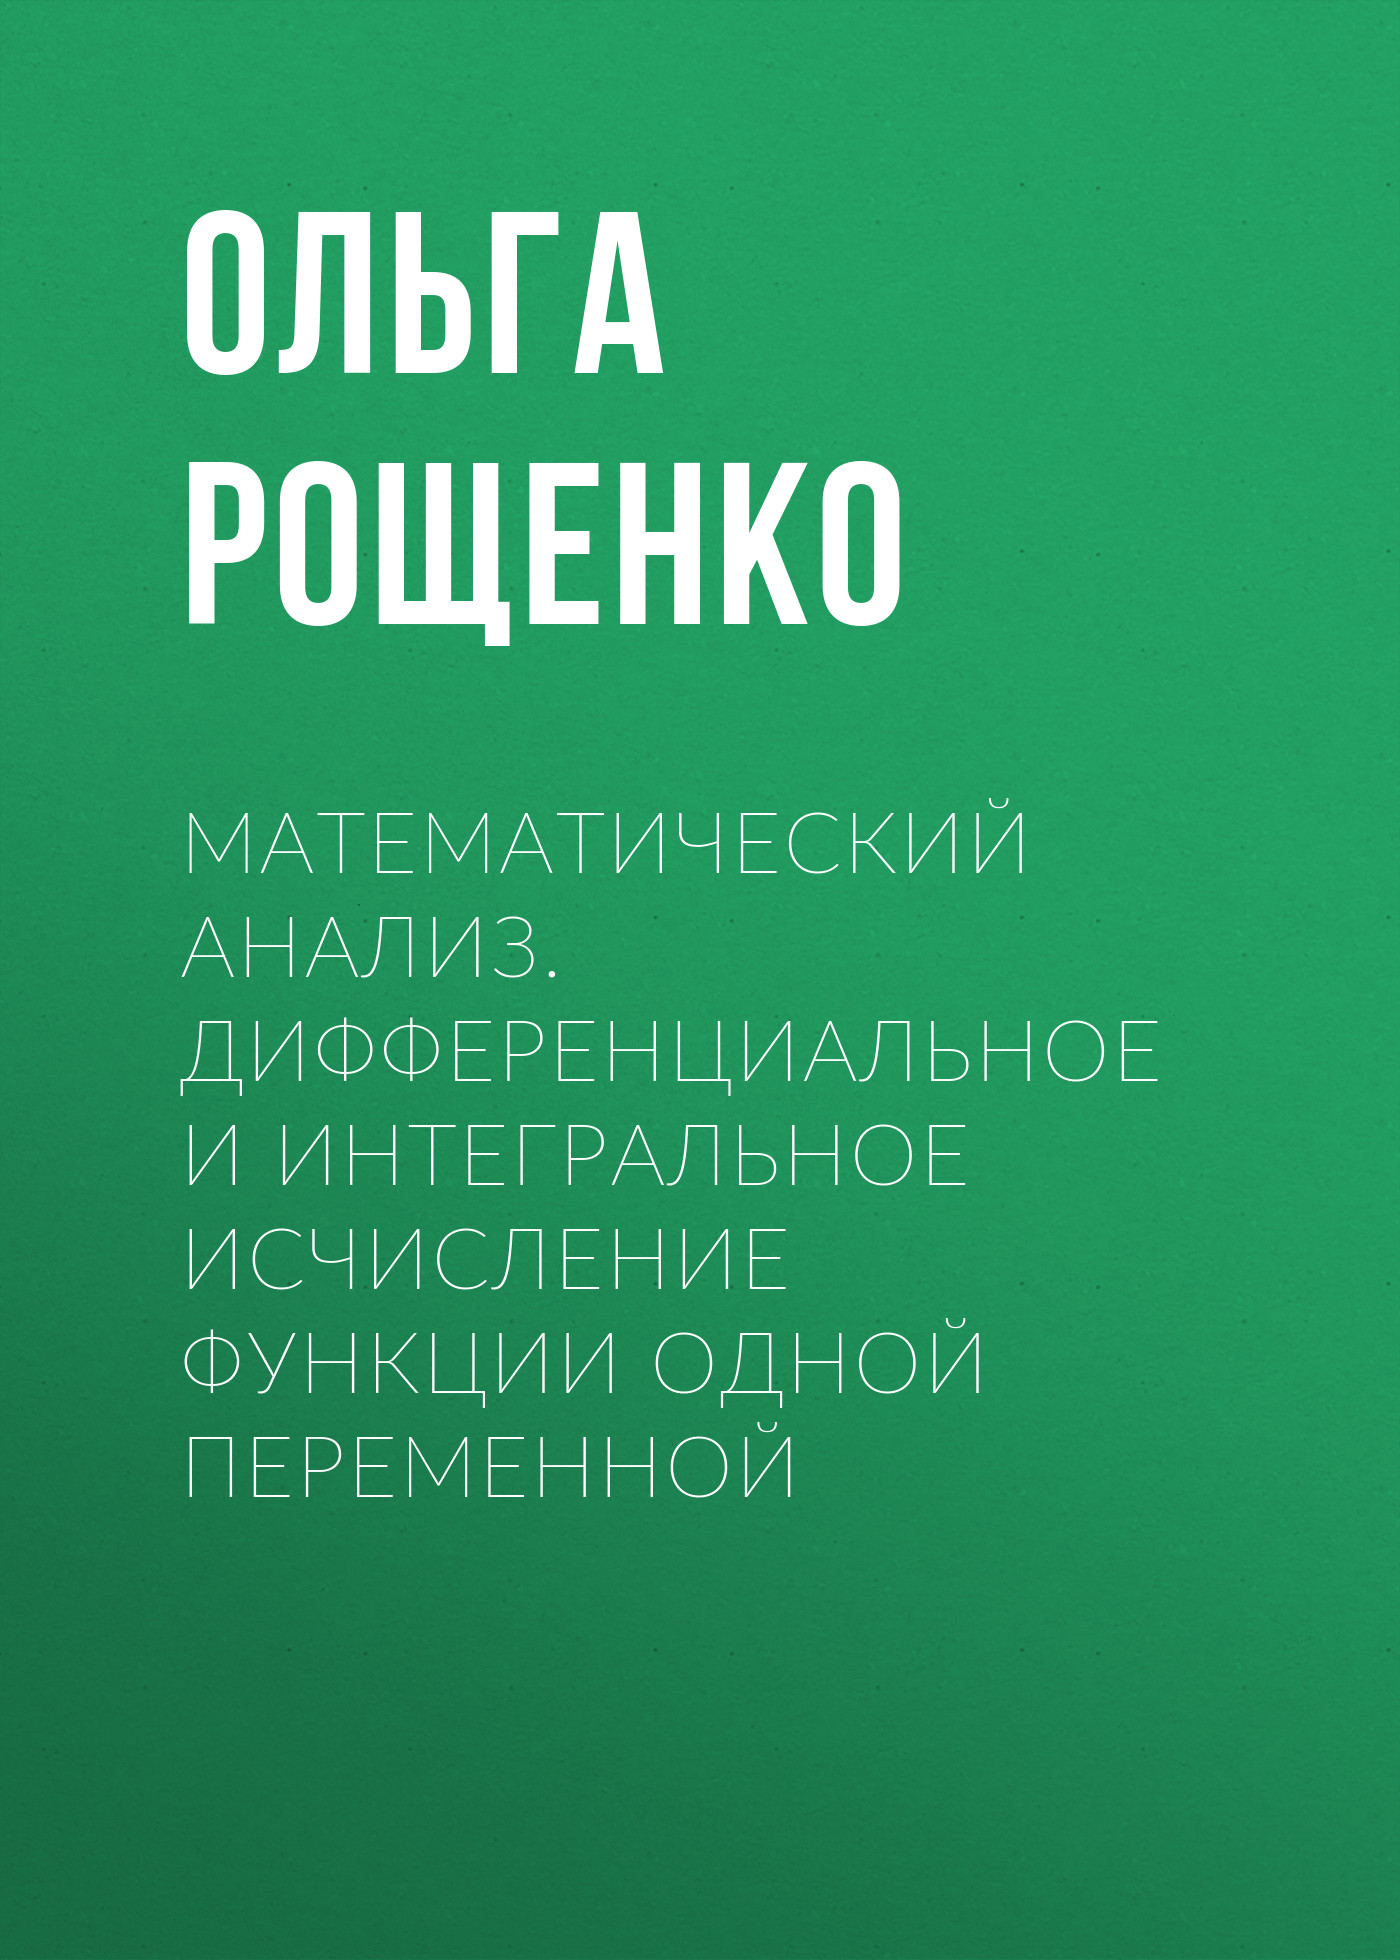 цена на О. Е. Рощенко Математический анализ. Дифференциальное и интегральное исчисление функции одной переменной